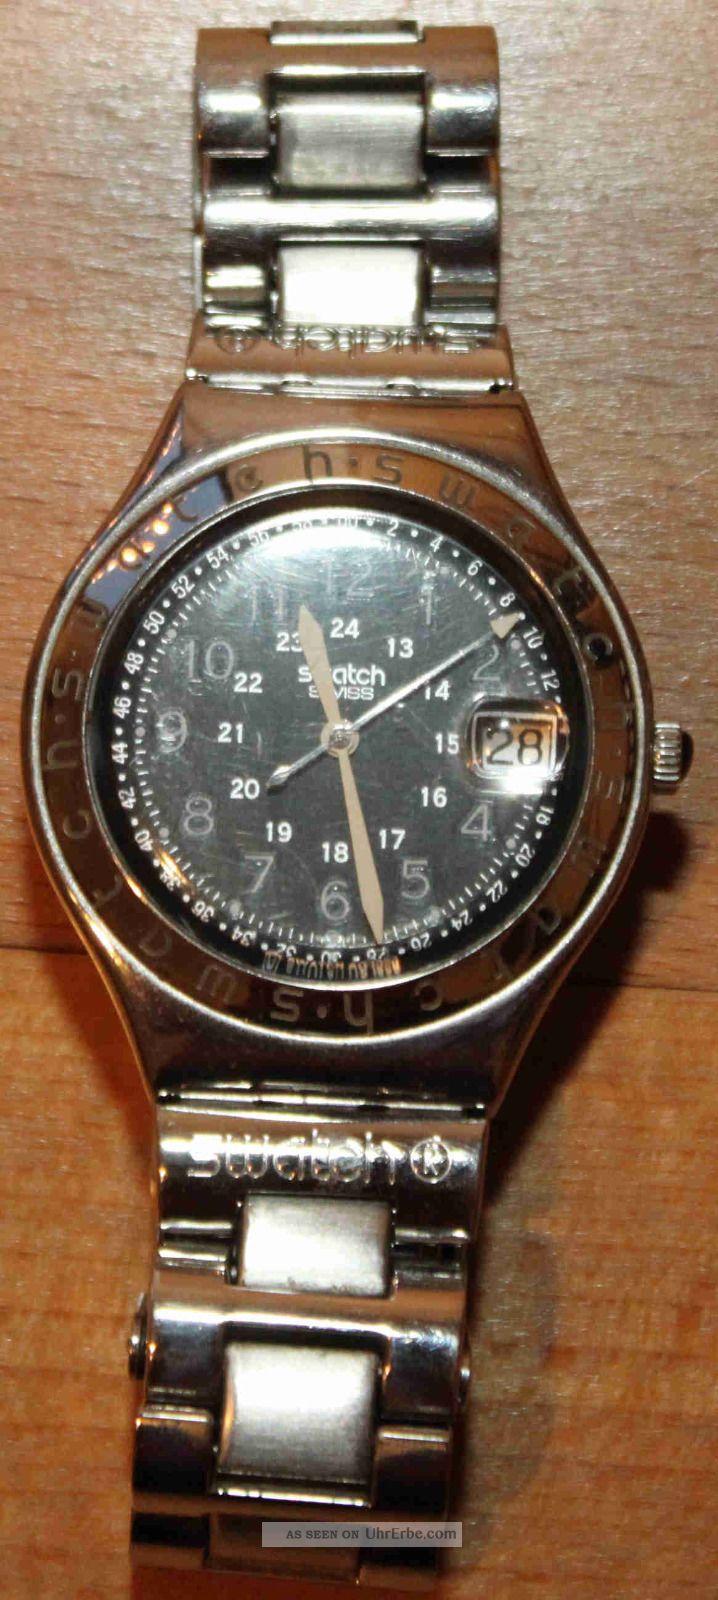 Swatch Herrenuhr Armbanduhren Bild